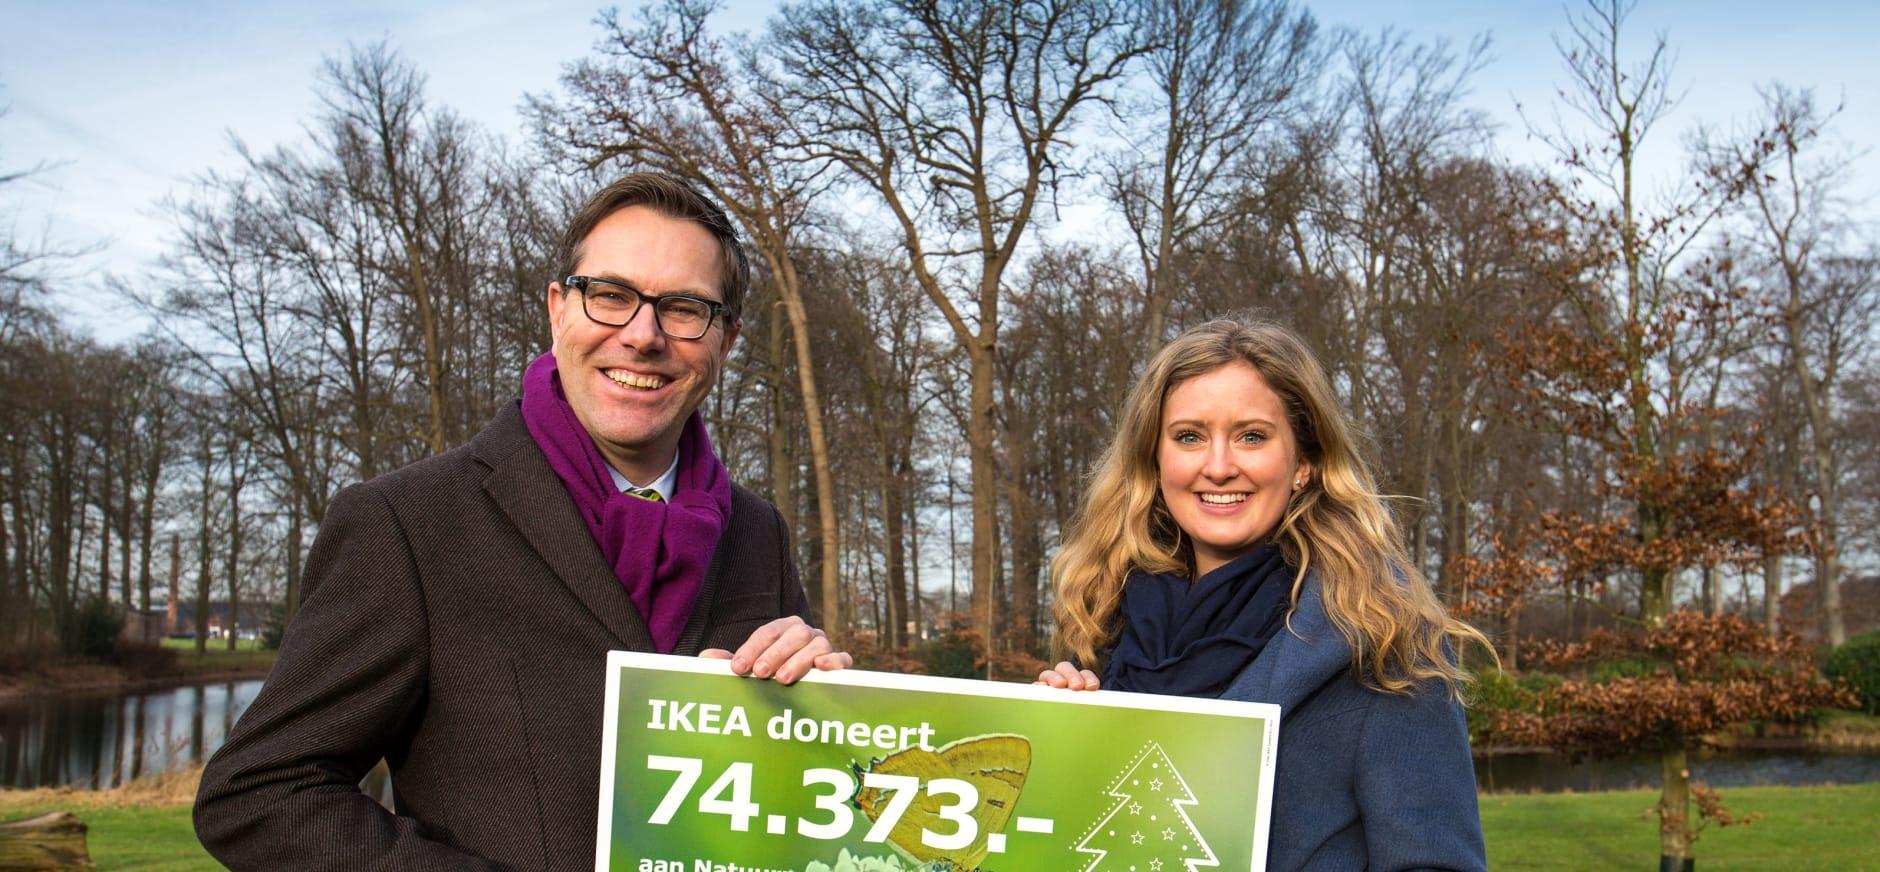 Natuur 74.373 euro rijker door kerstboomactie IKEA